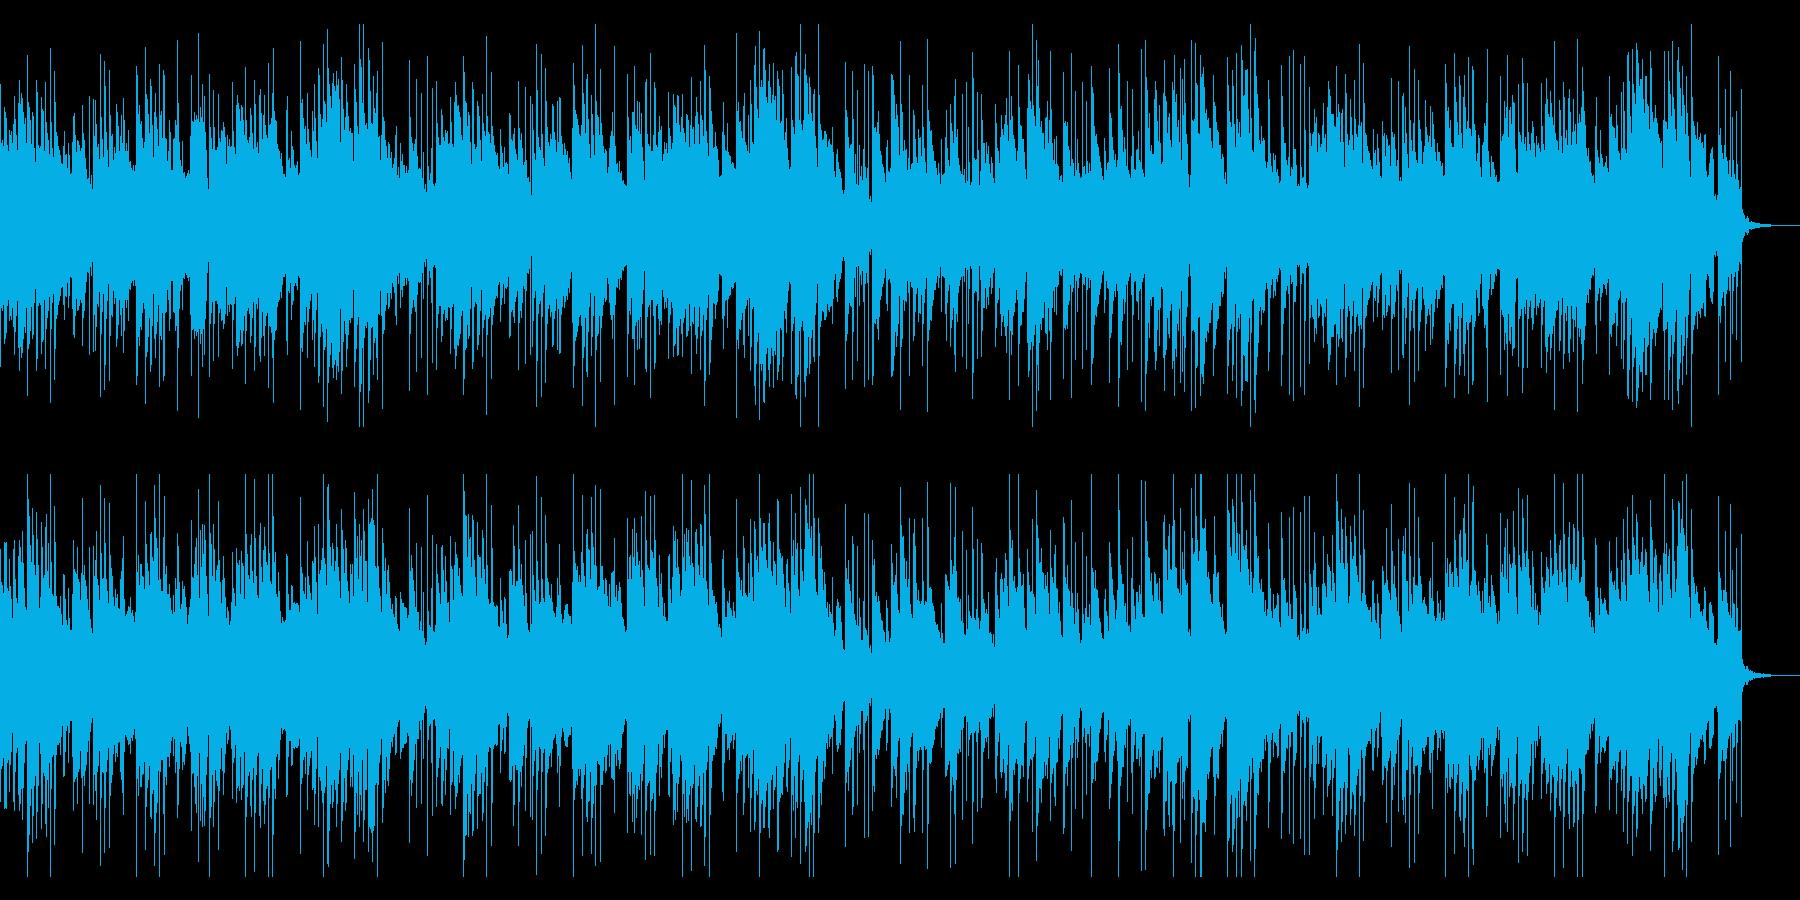 ロマンチックなジャズピアノ曲の再生済みの波形